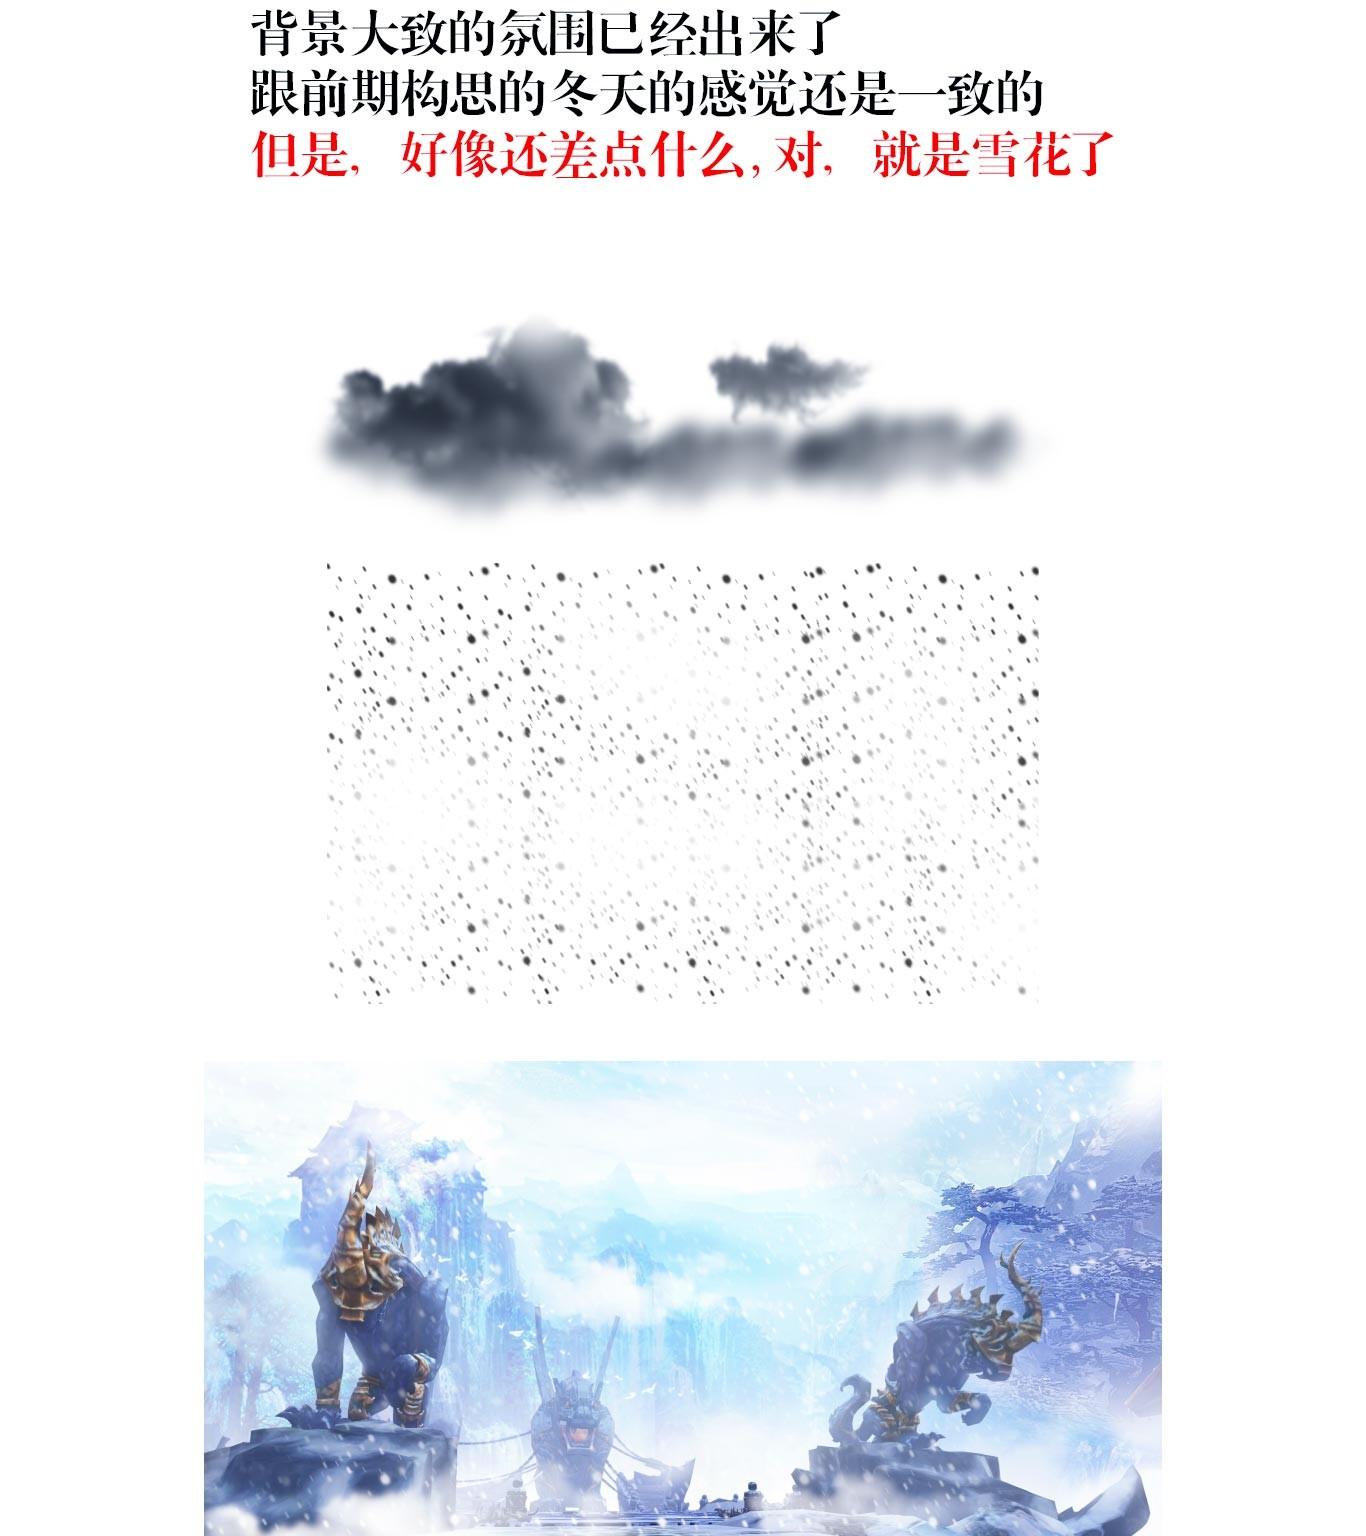 入门设计师,如何飞速做出游戏视觉海报